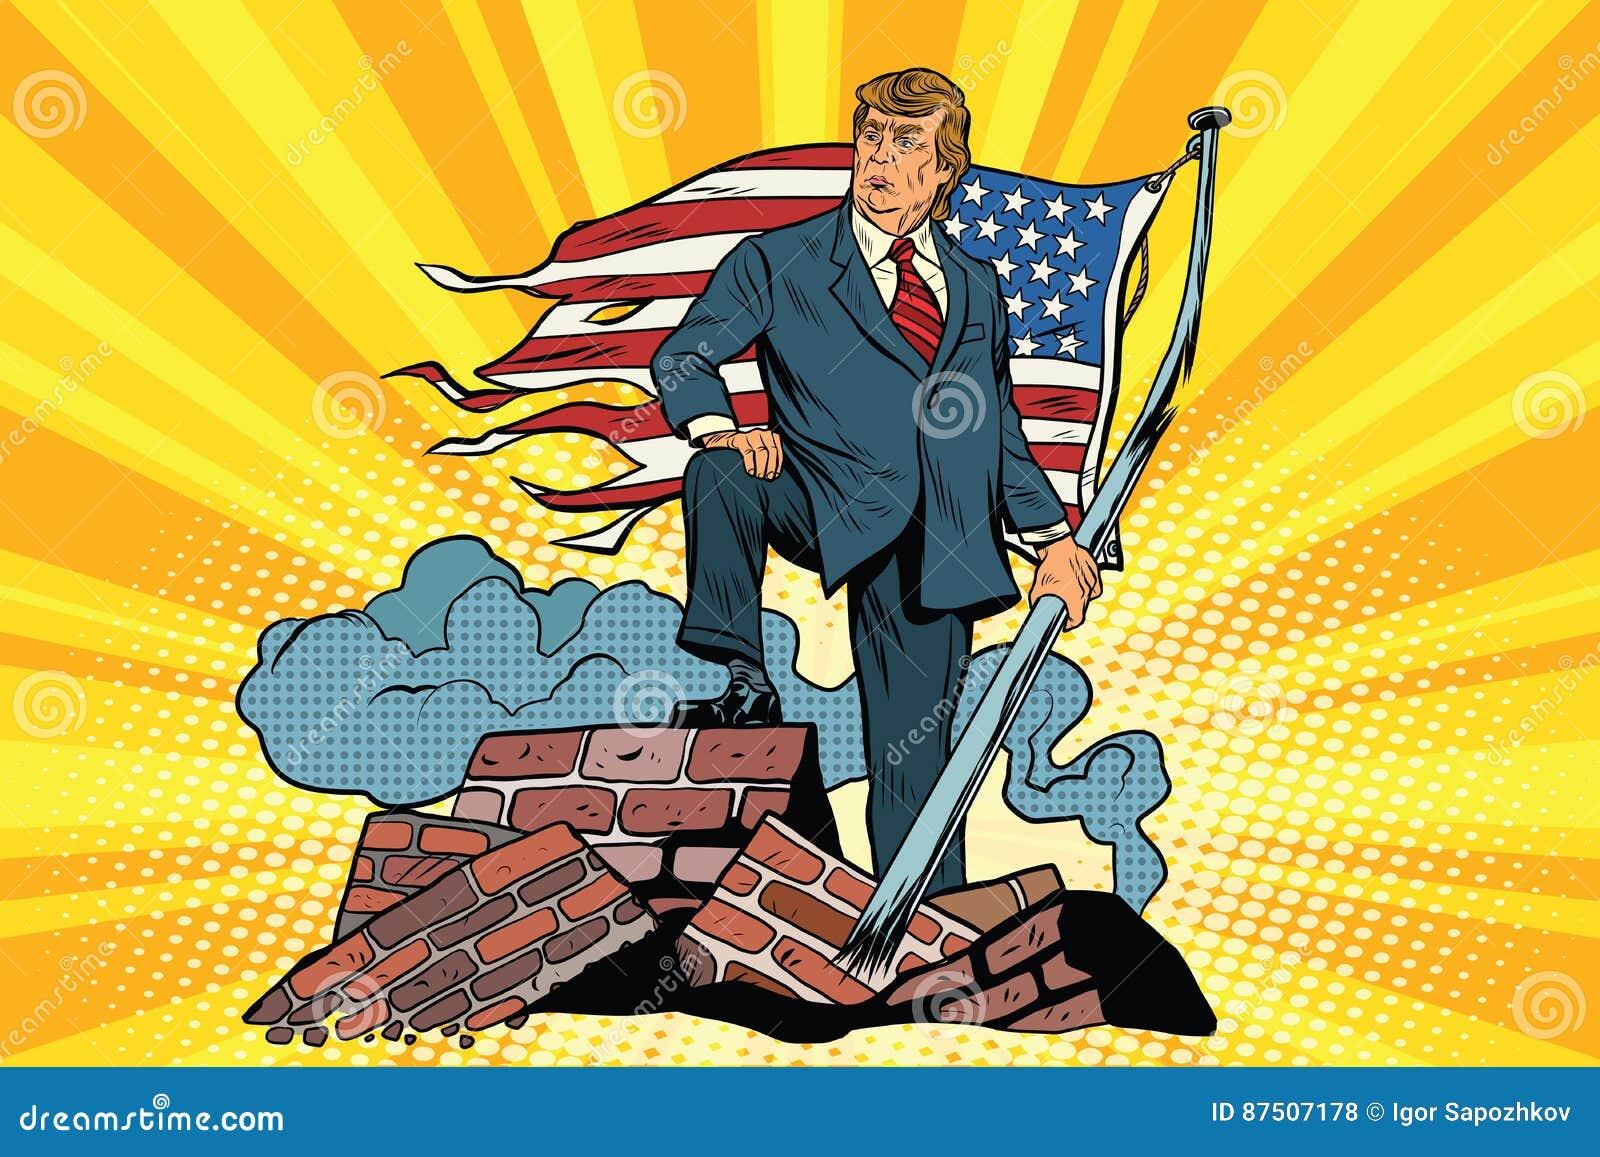 Presidente Donald Trump com bandeira dos EUA, nas ruínas